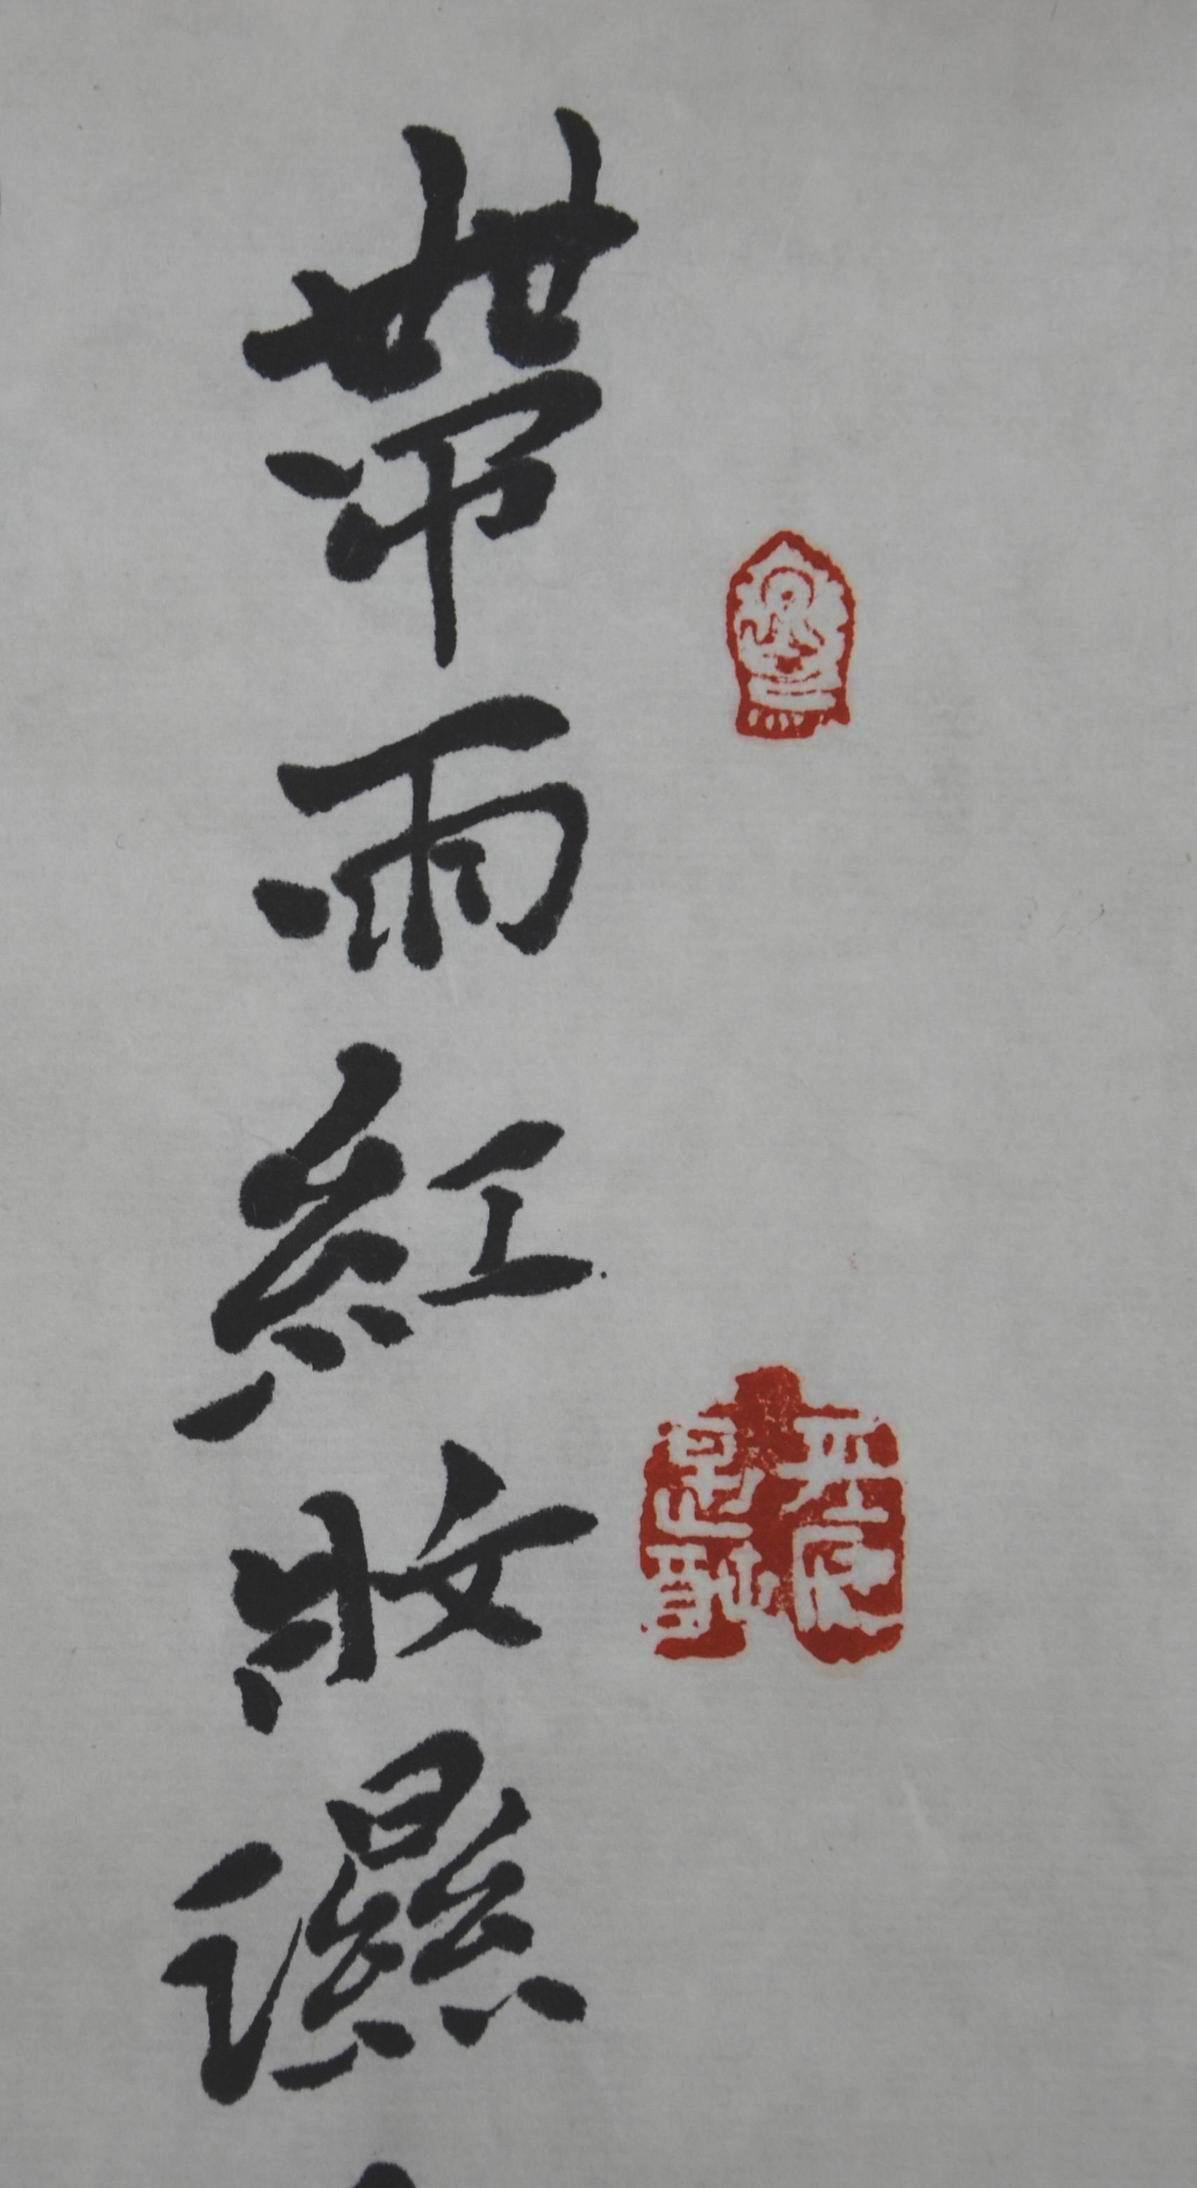 贾广健/20120731_39c9f46b516897e973d1CctYxVGMesBV.jpg